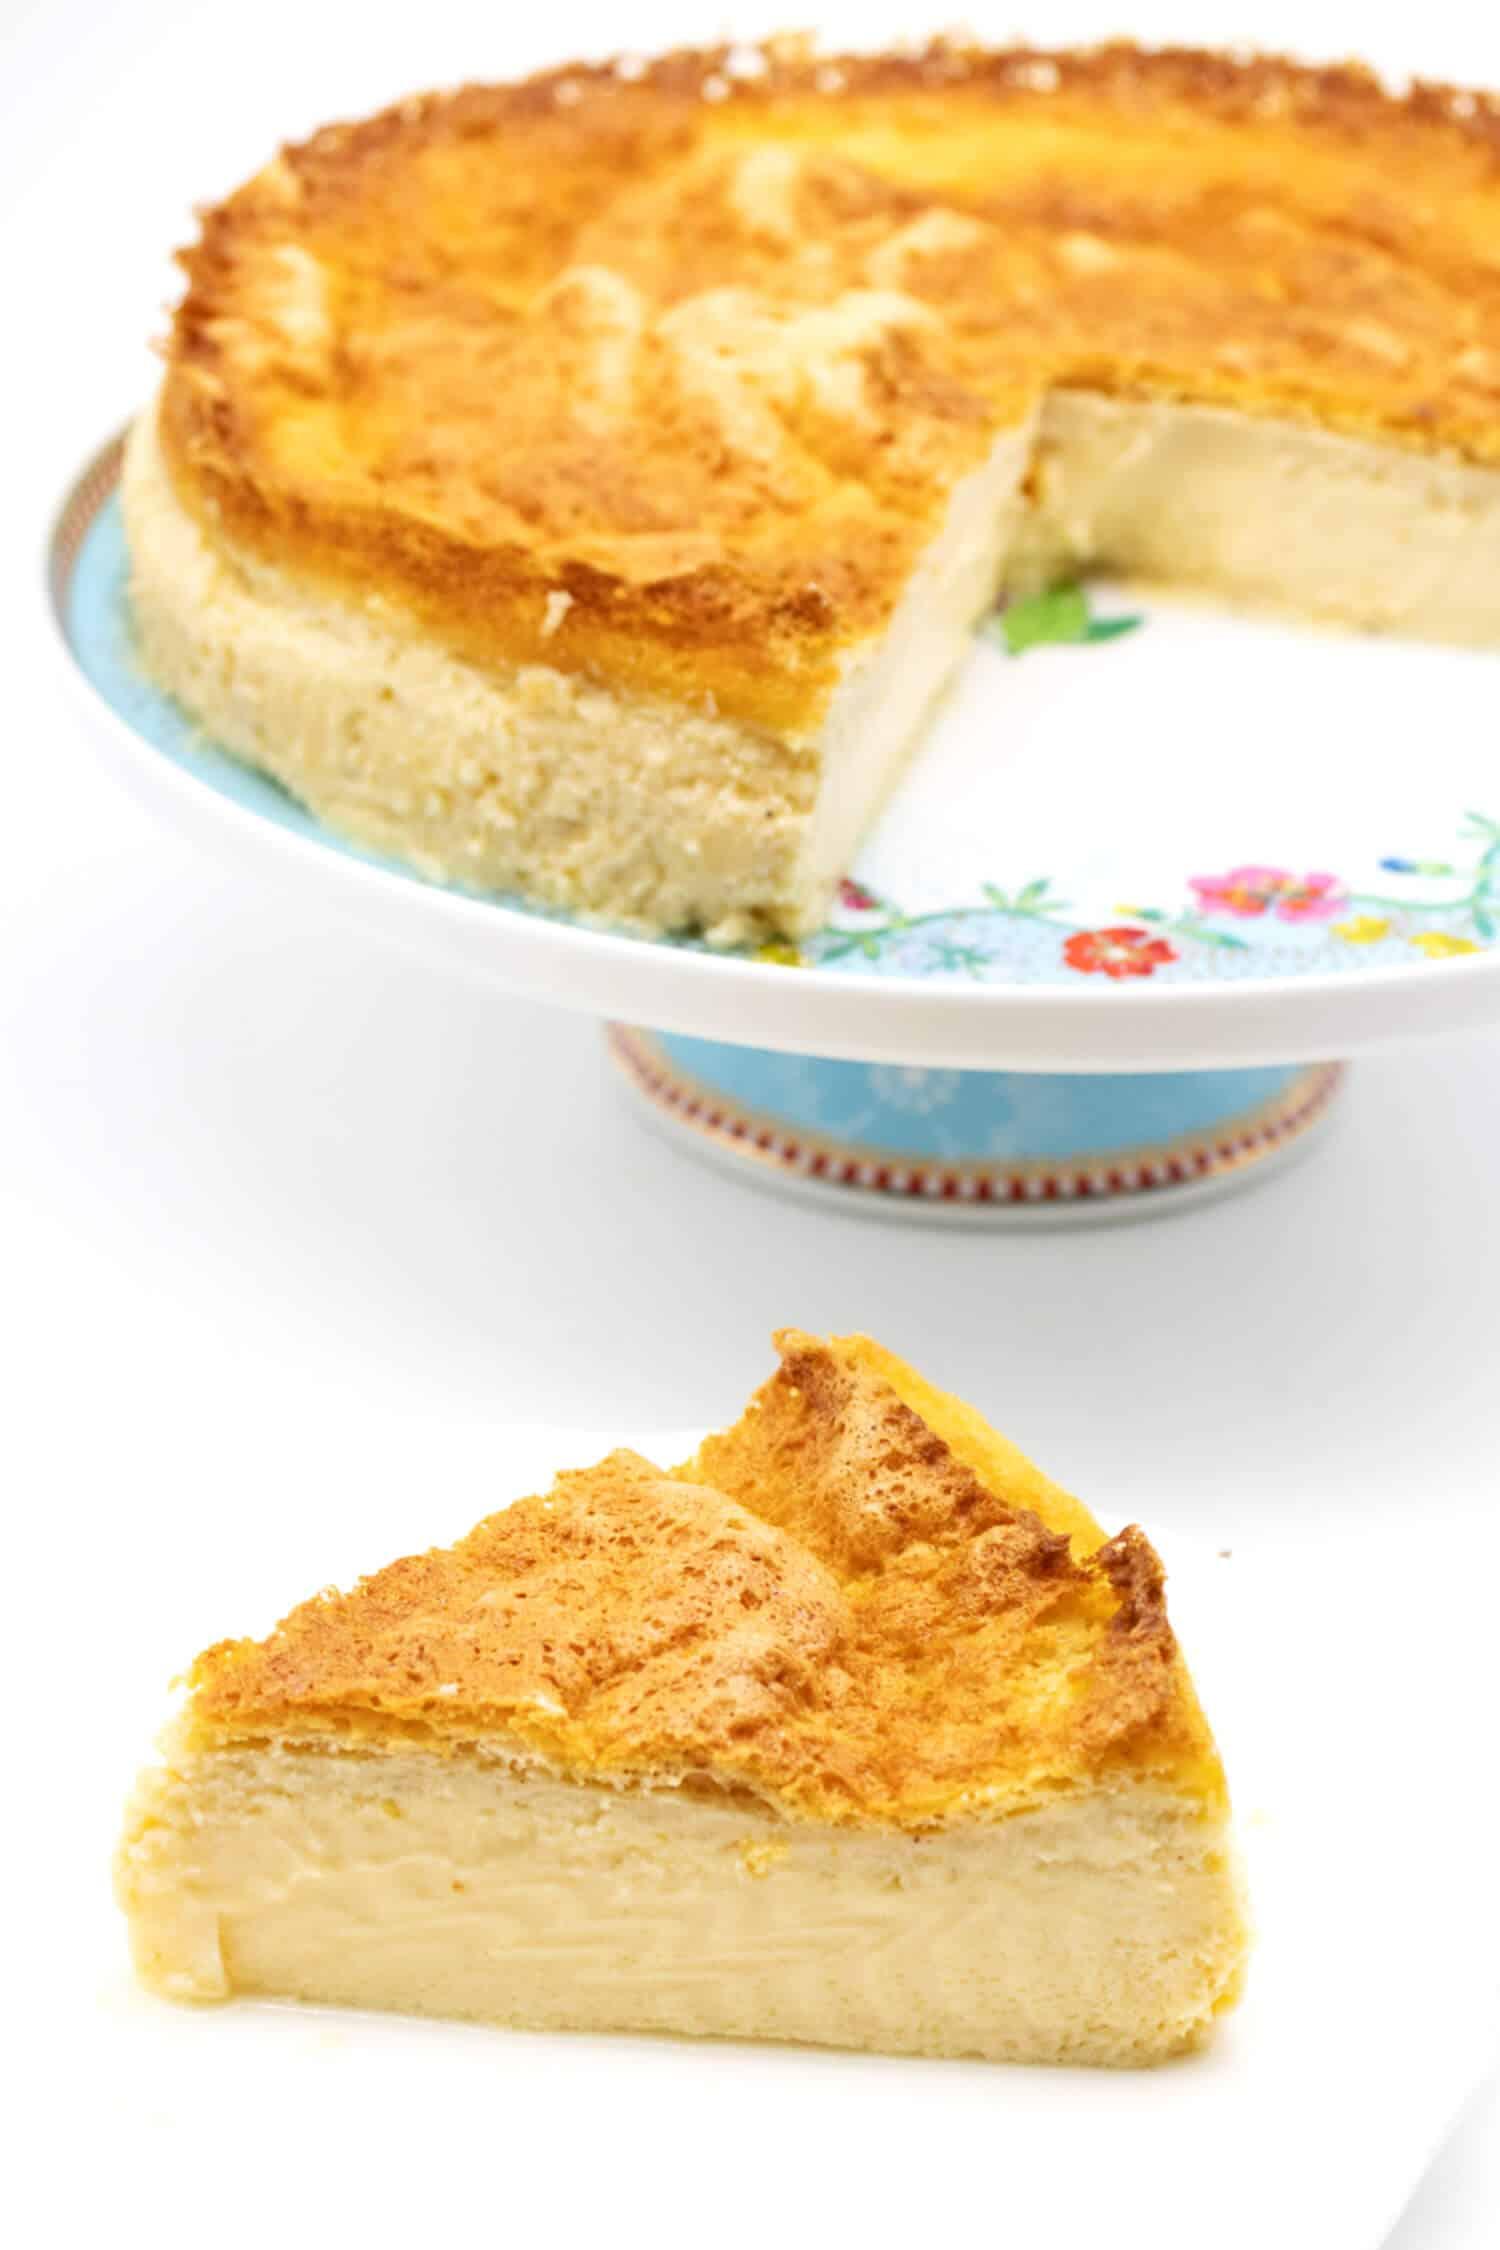 Magic Cake Rezept ohne Zucker